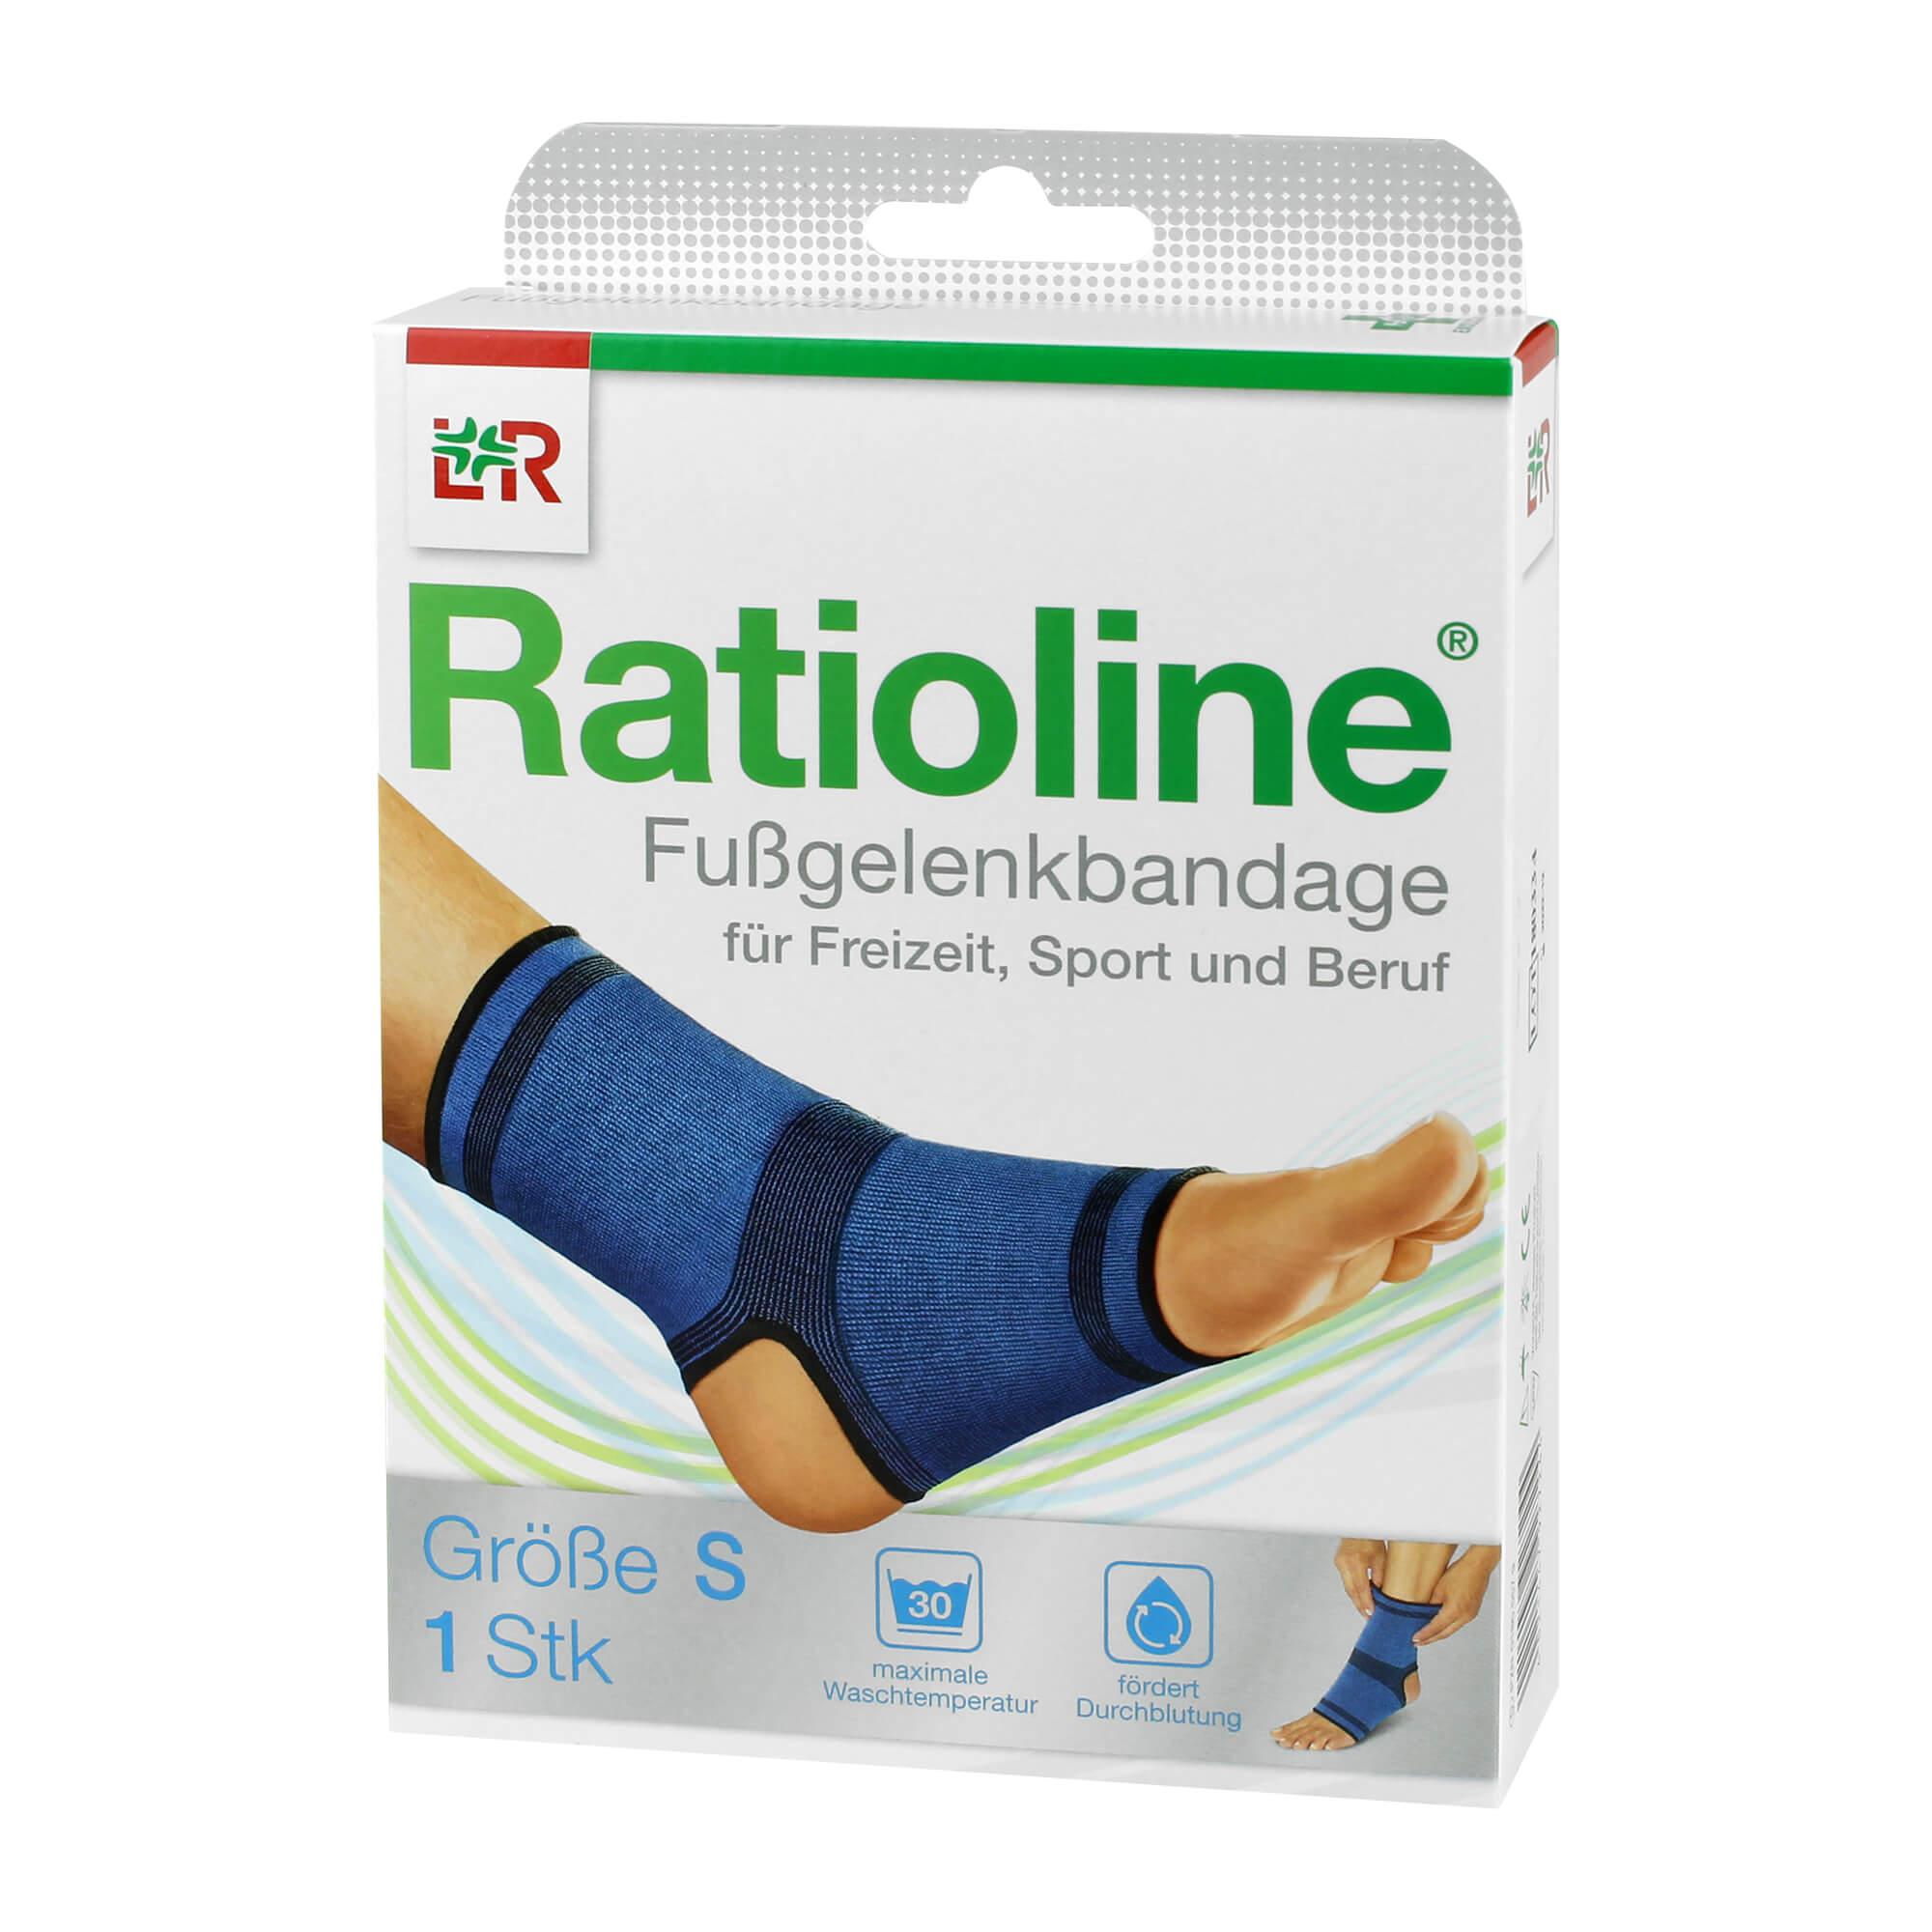 Ratioline Active Fußgelenkbandage Größe S